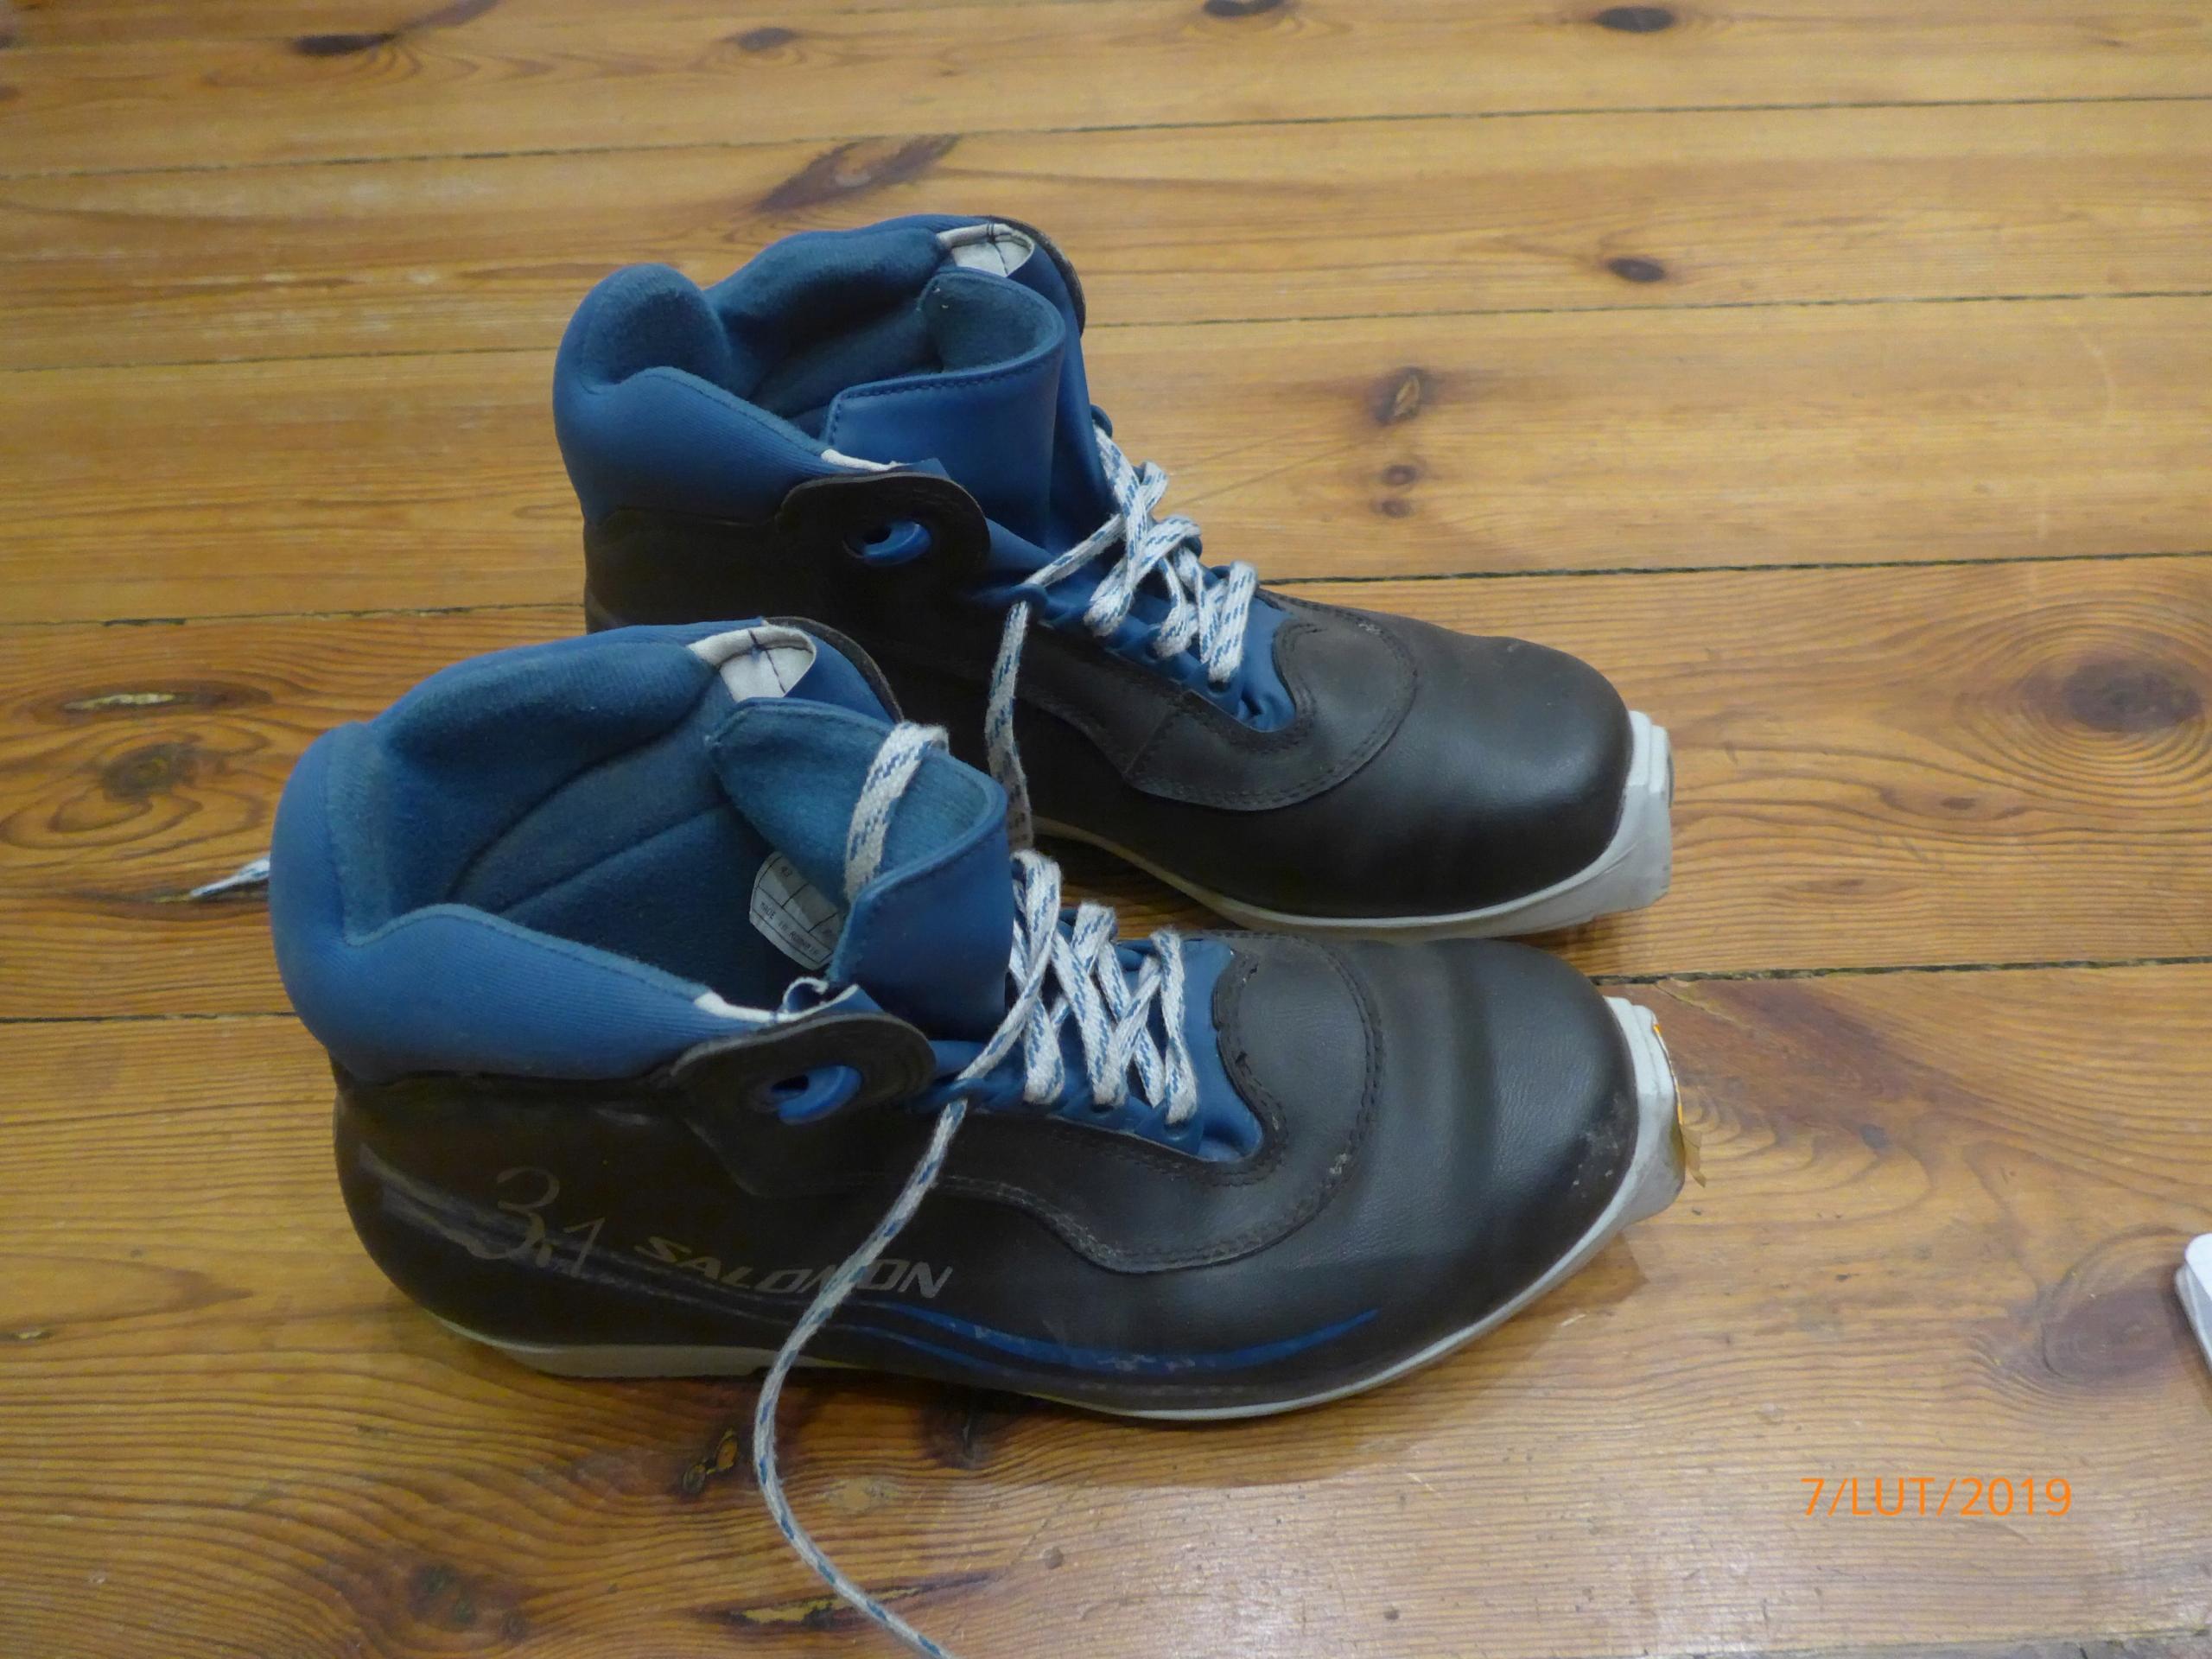 Buty do biegówek SALOMON 3.1 rozmiar 43